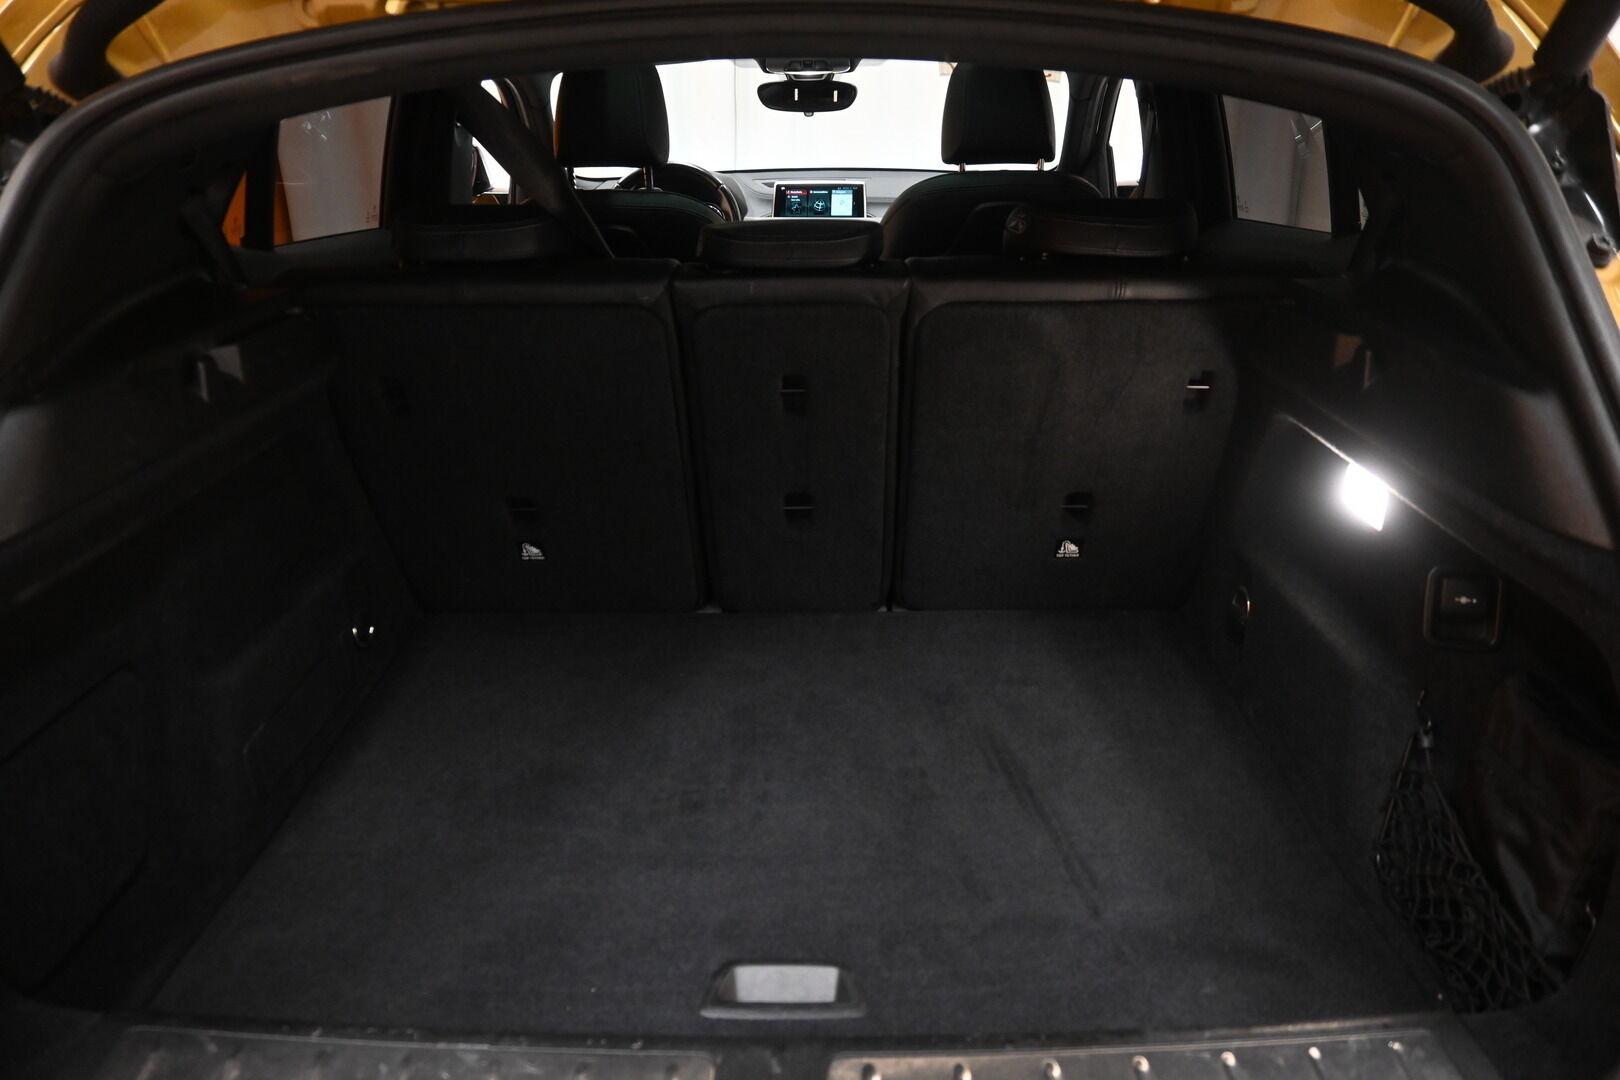 Keltainen Maastoauto, BMW X2 – KON-64359, kuva 25